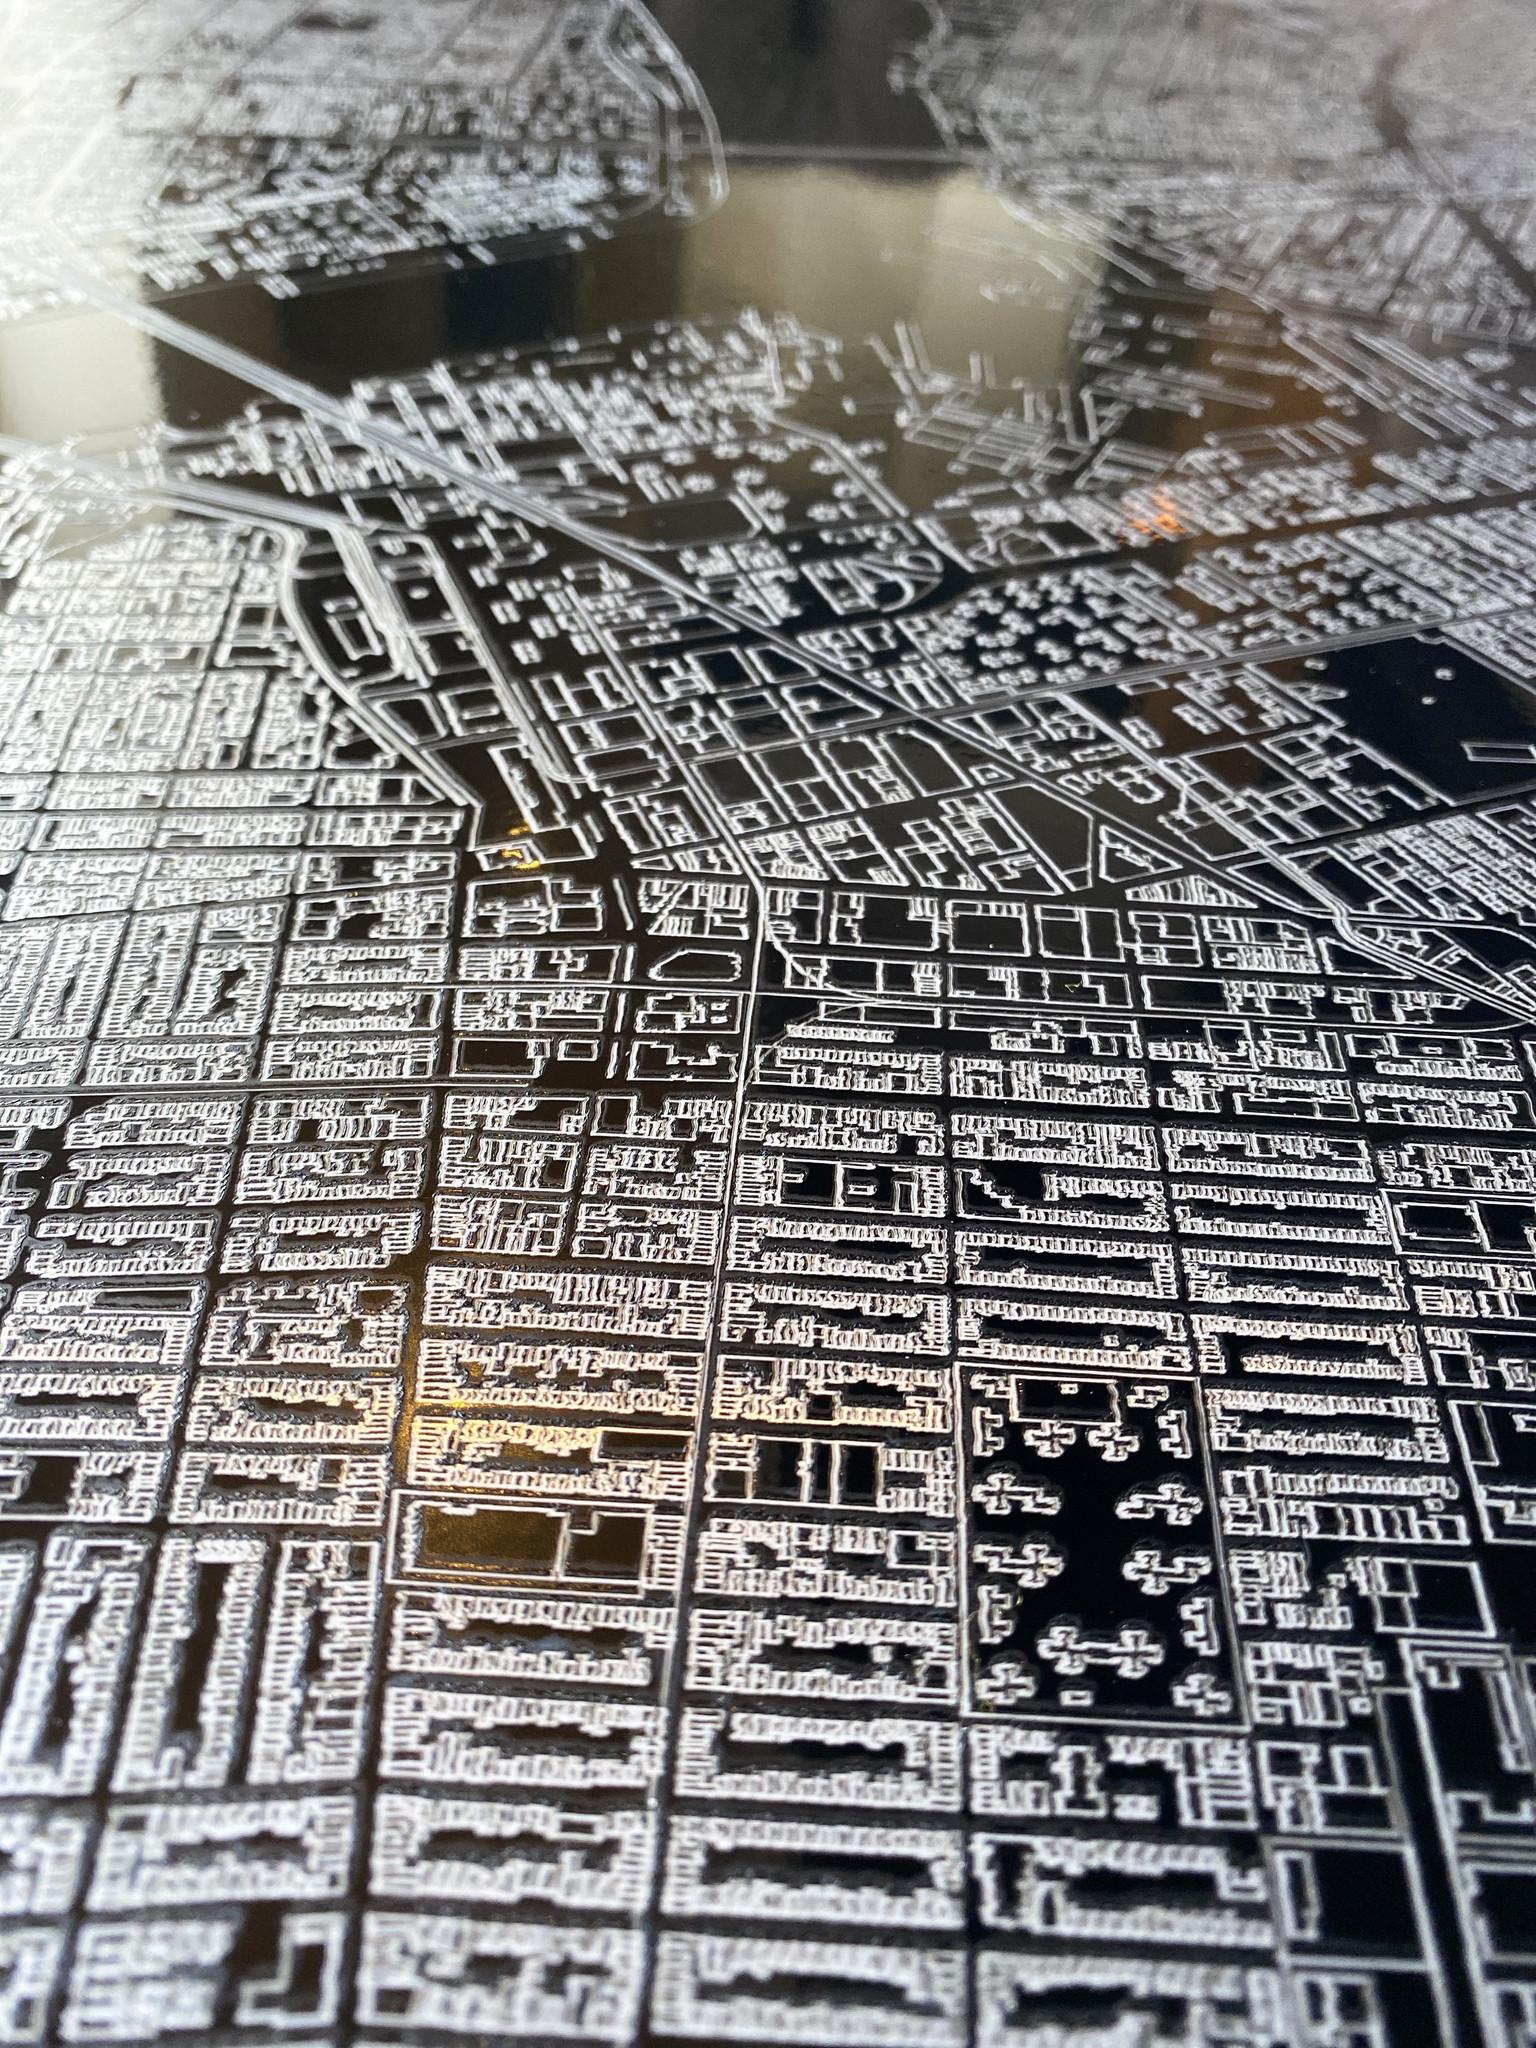 Stadtkarte Metal Krakau-5